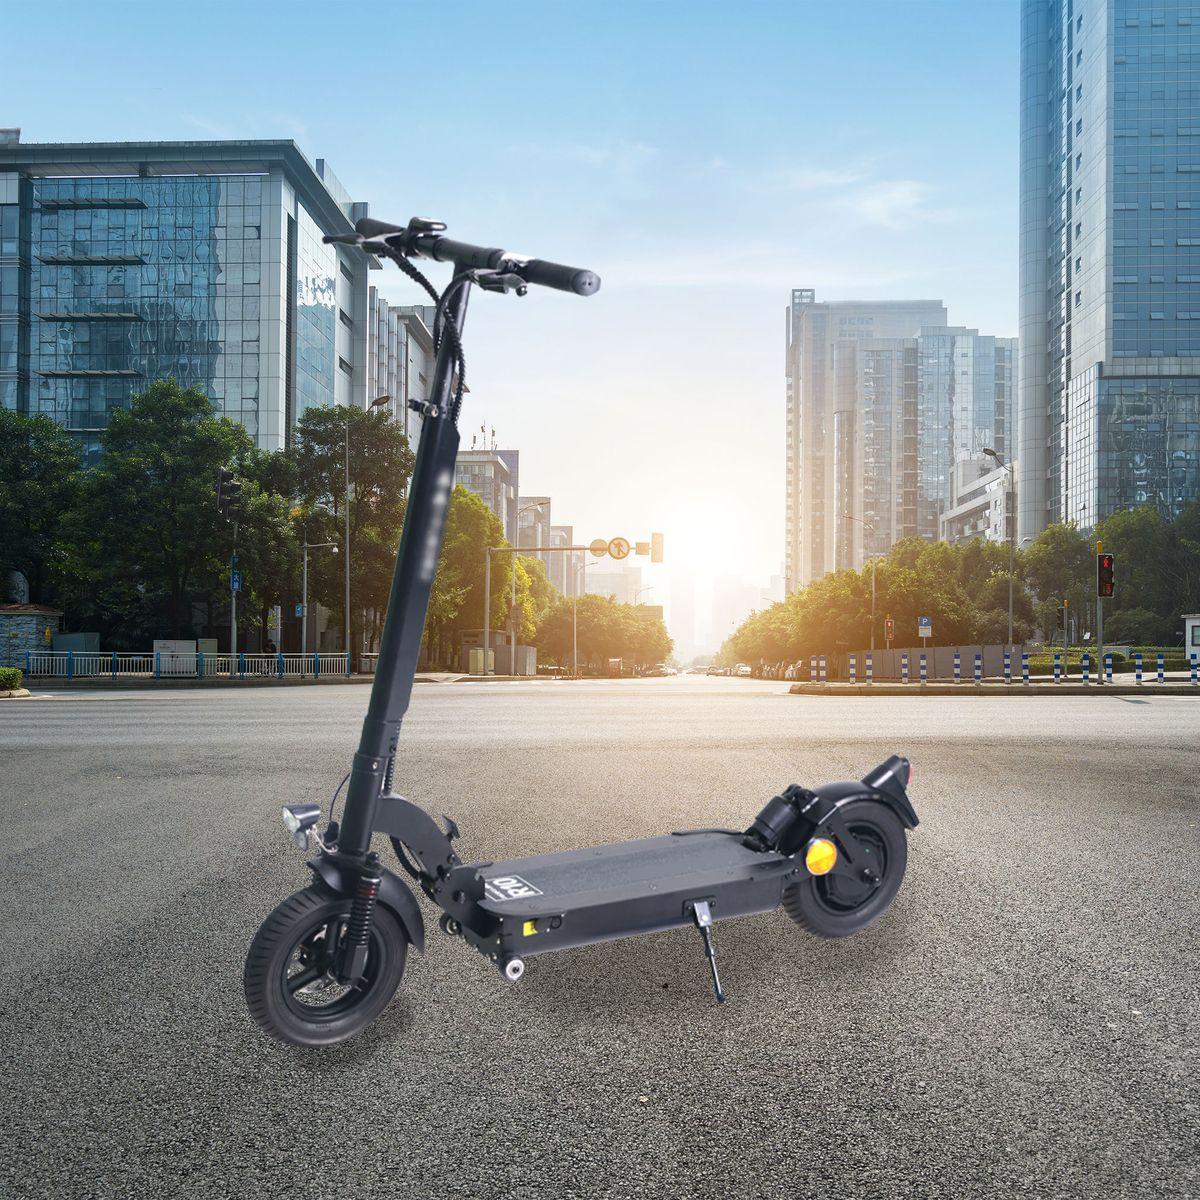 E-Scooter R10 mit Straßenzulassung (Reichweite bis 50 km, Scheibenbremsen, 10″ Luftreifen) für 599€